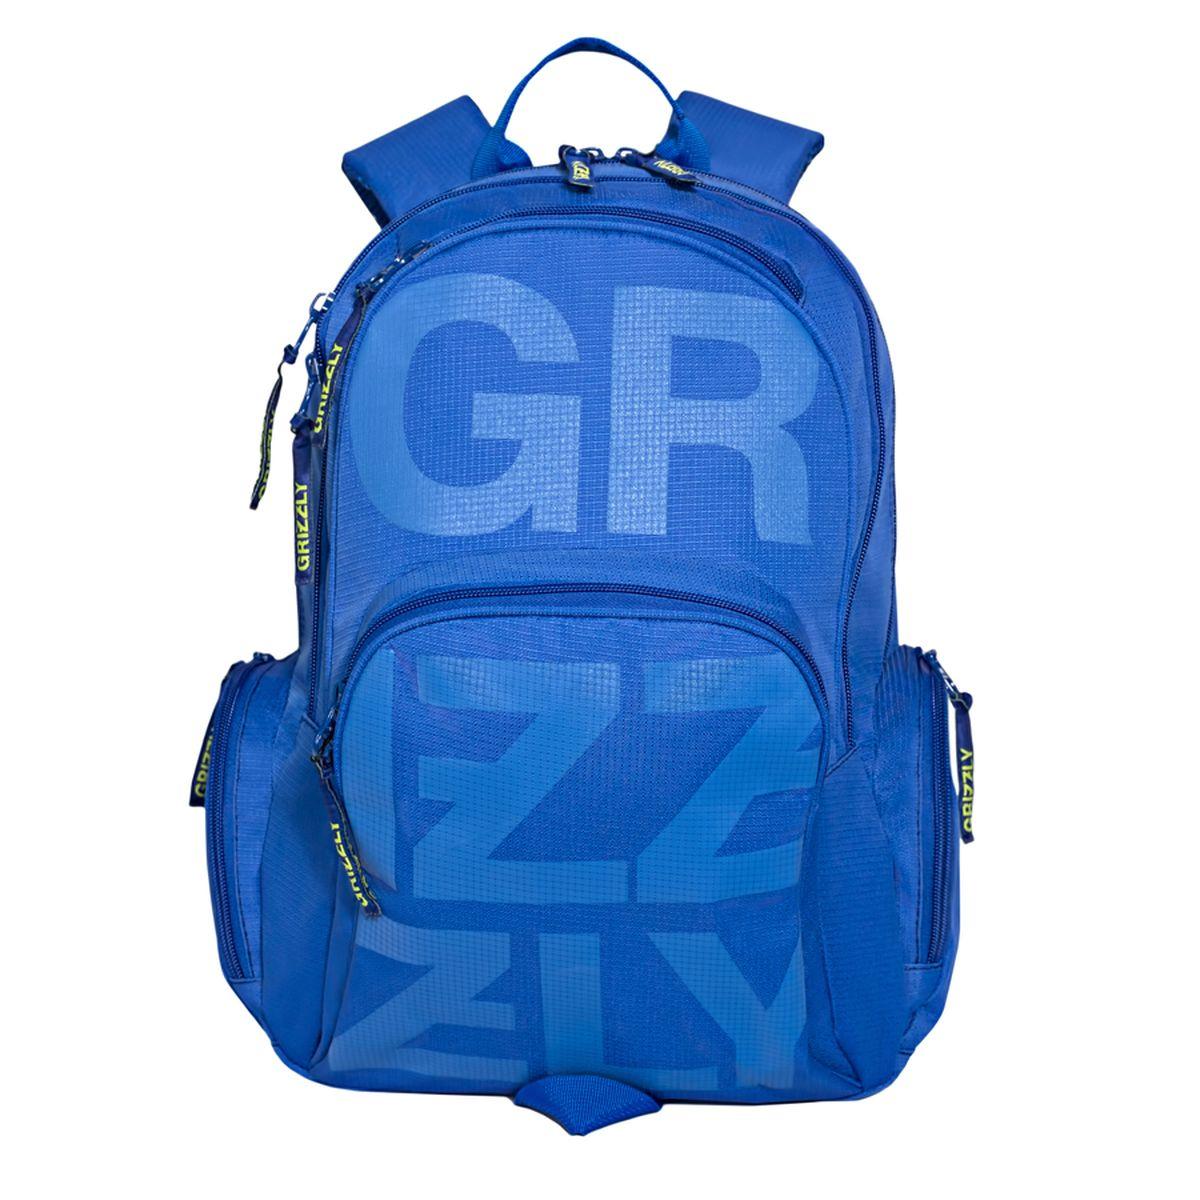 Рюкзак городской Grizzly, цвет: синий. 26 л. RU-706-1/1BP-001 BKРюкзак городской Grizzl выполнен из высококачественного полиэстера и оформлен оригинальным фирменным принтом. Рюкзак имеет петлю для подвешивания и две удобные лямки, длина которых регулируется с помощью пряжек. Изделие имеет два основных отделения, которые дополнены внутренним карманом на молнии, карманом для гаджета и карманом-пеналом для карандашей. Передняя стенка имеет втачной карман на застежке-молнии и верхний карман быстрого доступа. Рюкзак оснащен двумя боковыми карманами на застежке-молнии. Спинка дополнена анатомической укрепленной вставкой.